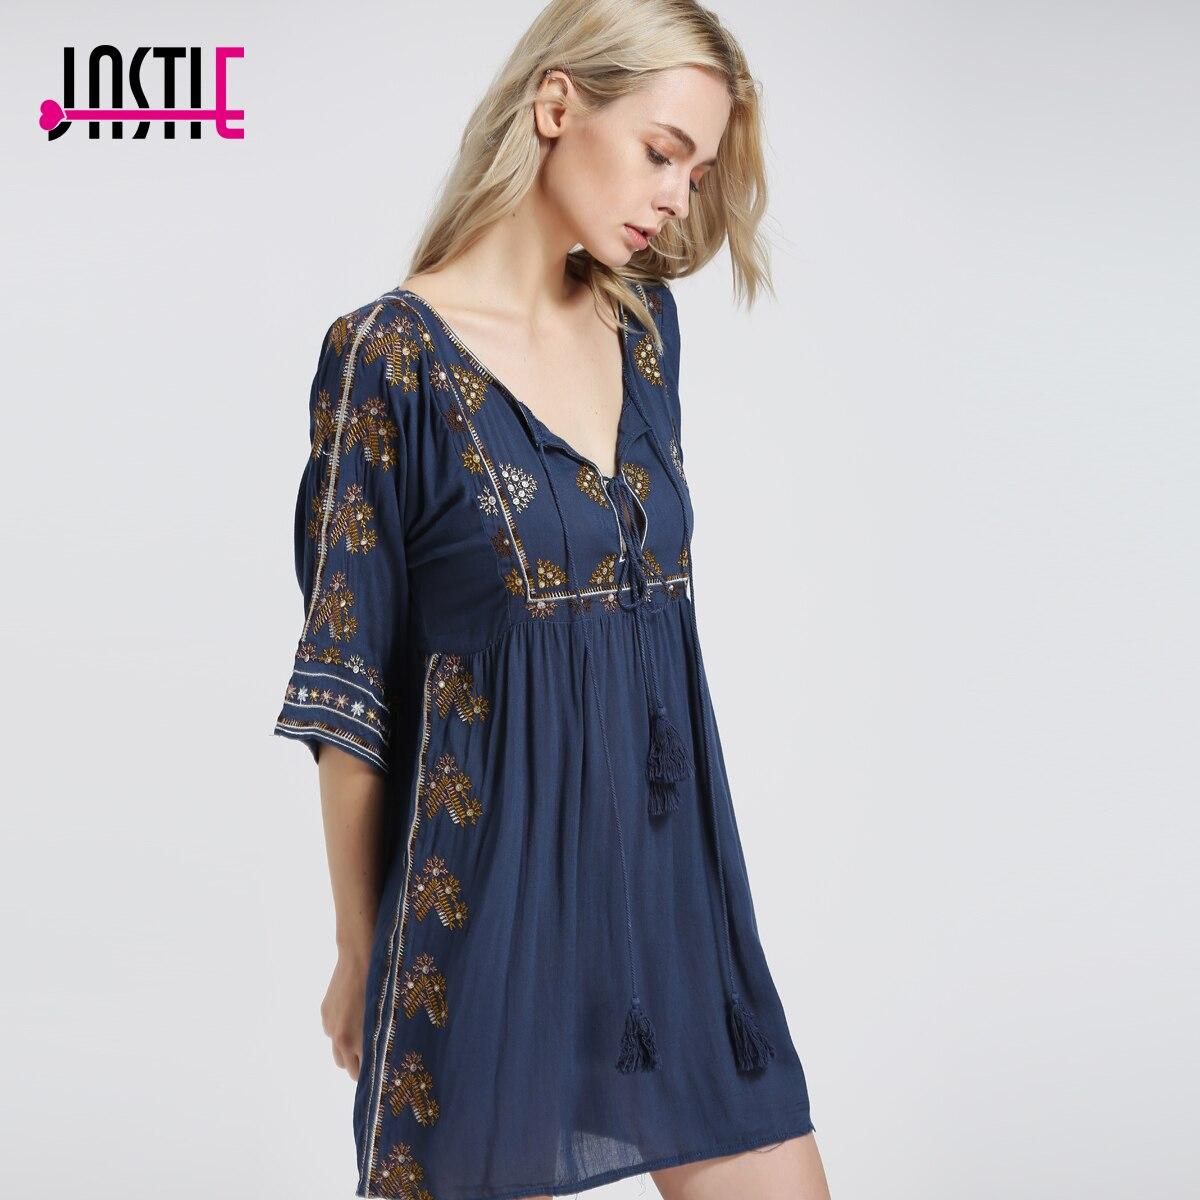 Jastie Starlight Mini robe Boho Chic Floral brodé femmes robes découpe décolleté avec cravate Sexy robe été Vestidos 5808